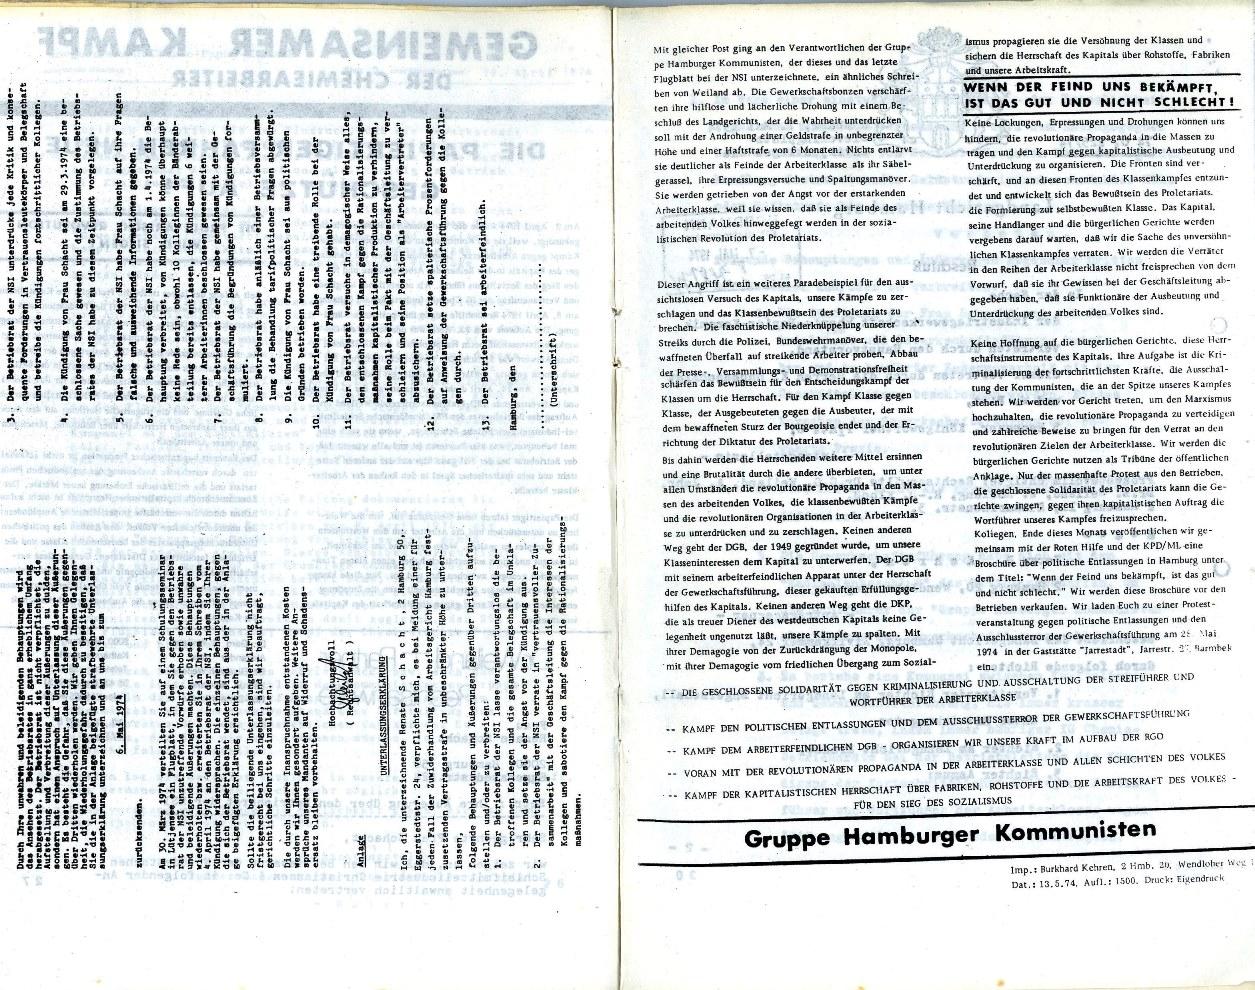 Hamburg_RH_1974_Politische_Entlassungen_16